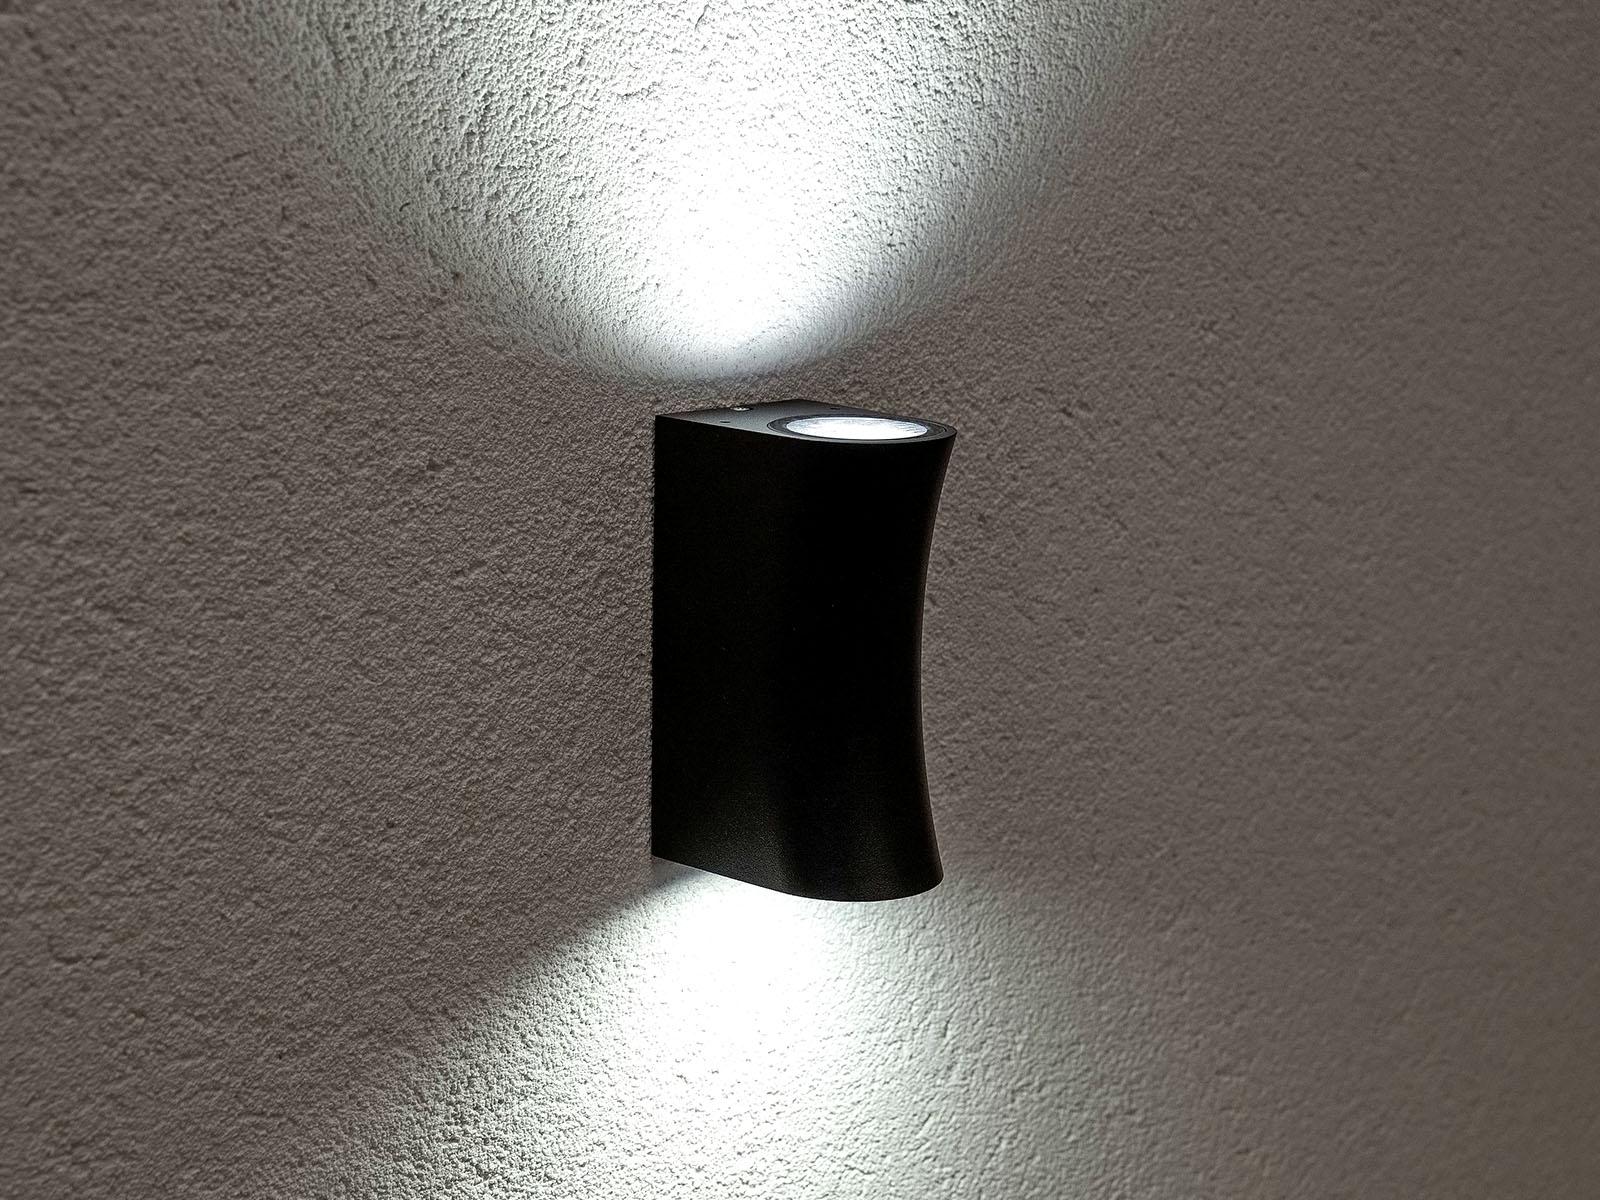 A kétirányú Wamp fali lámpa íves verziója látható a képen. Fekete színével különleges látványt biztosít!